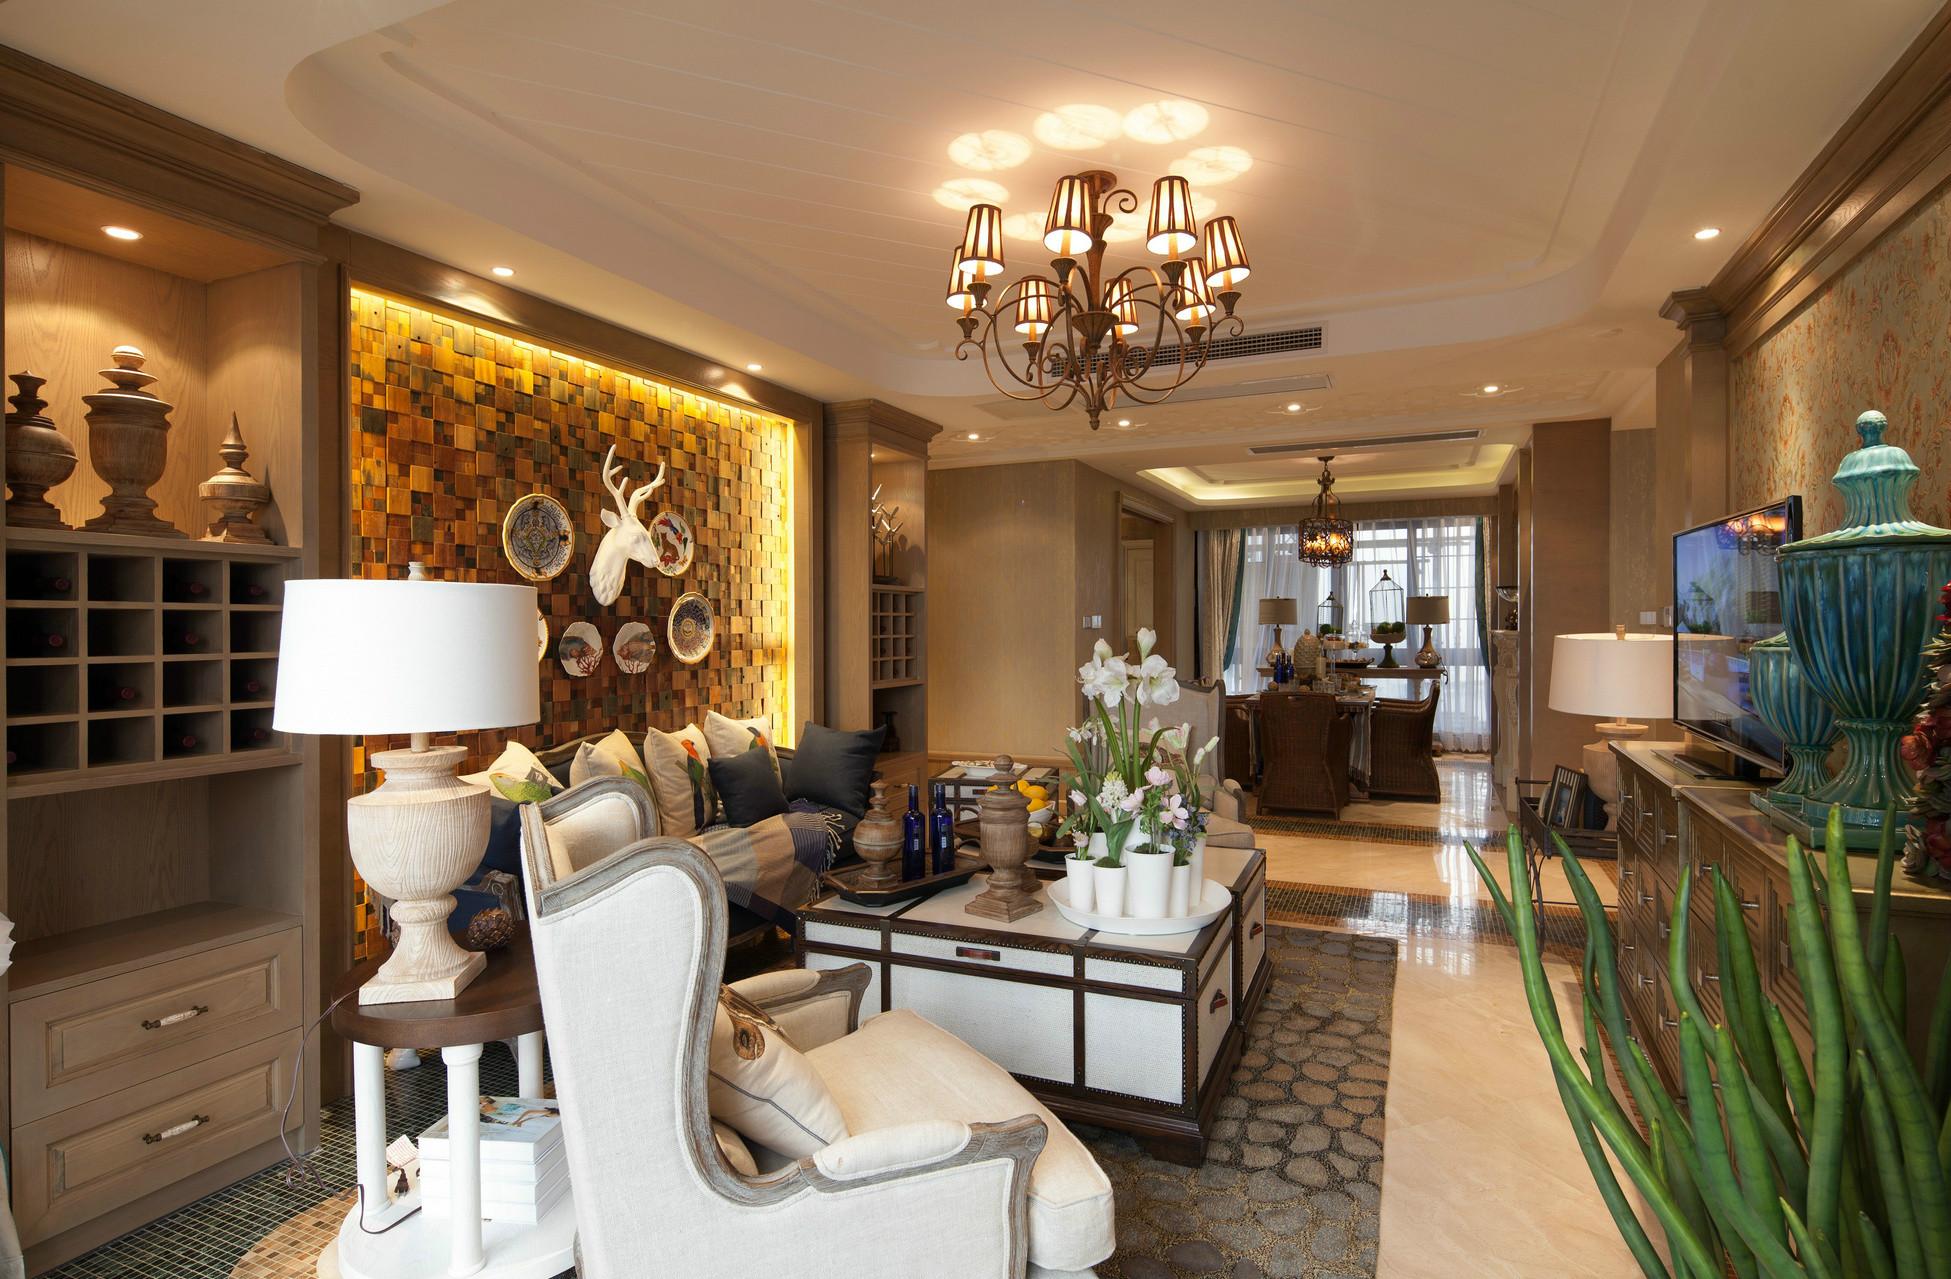 餐厅与客厅二合一,巧妙地划分好区间,营造出一种朦胧的奢华感。